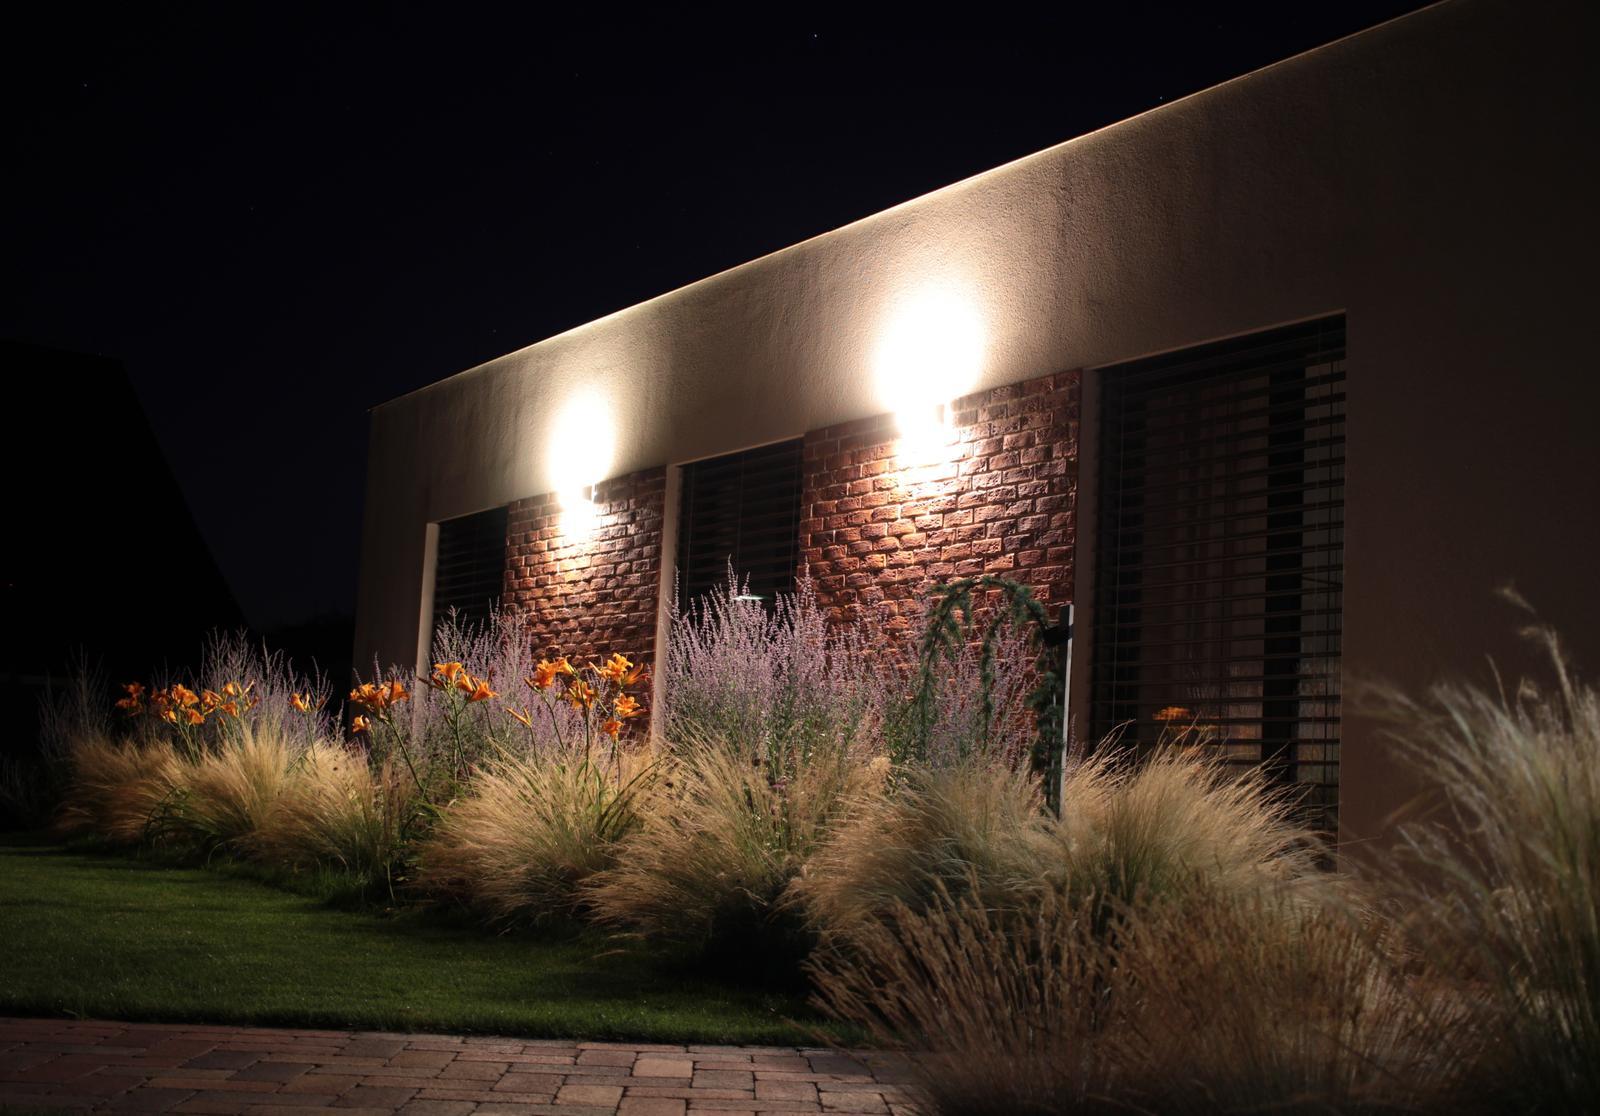 Exteriér - záhrada - Pri nočnom osvetlení